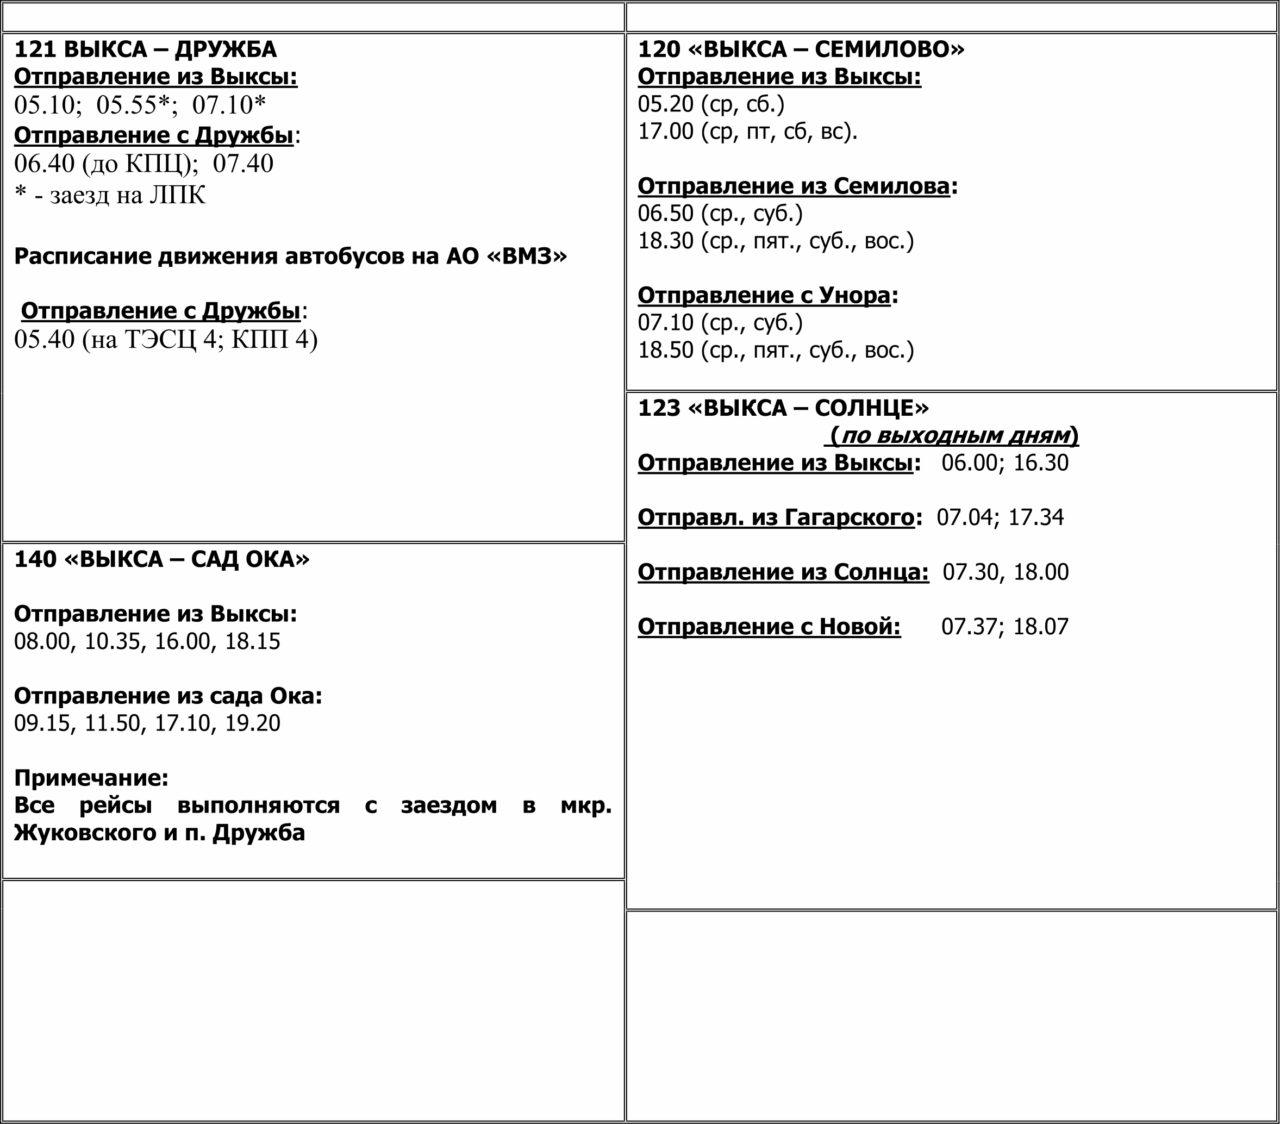 ВРЕМЕННОЕ РАСПИСАНИЕ выксунских пригородных автобусов с 7.06.2020г. на период I - II этапа снятия ограничений 2